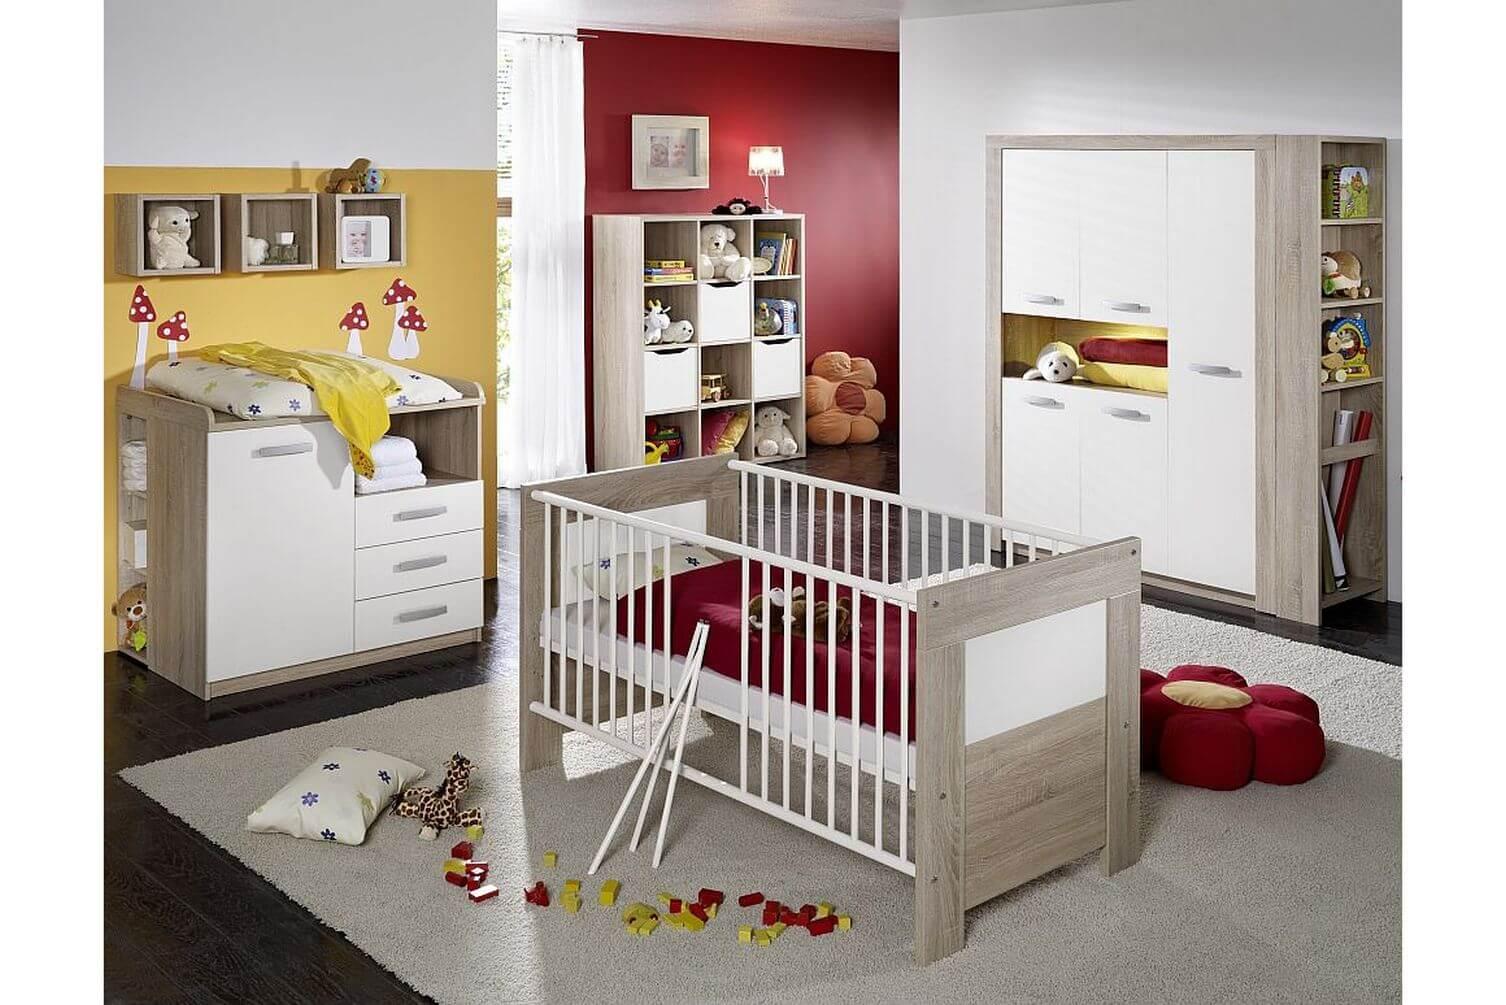 Kinderzimmerset babyzimmer babybett wickelkommode - Exklusive babyzimmer ...